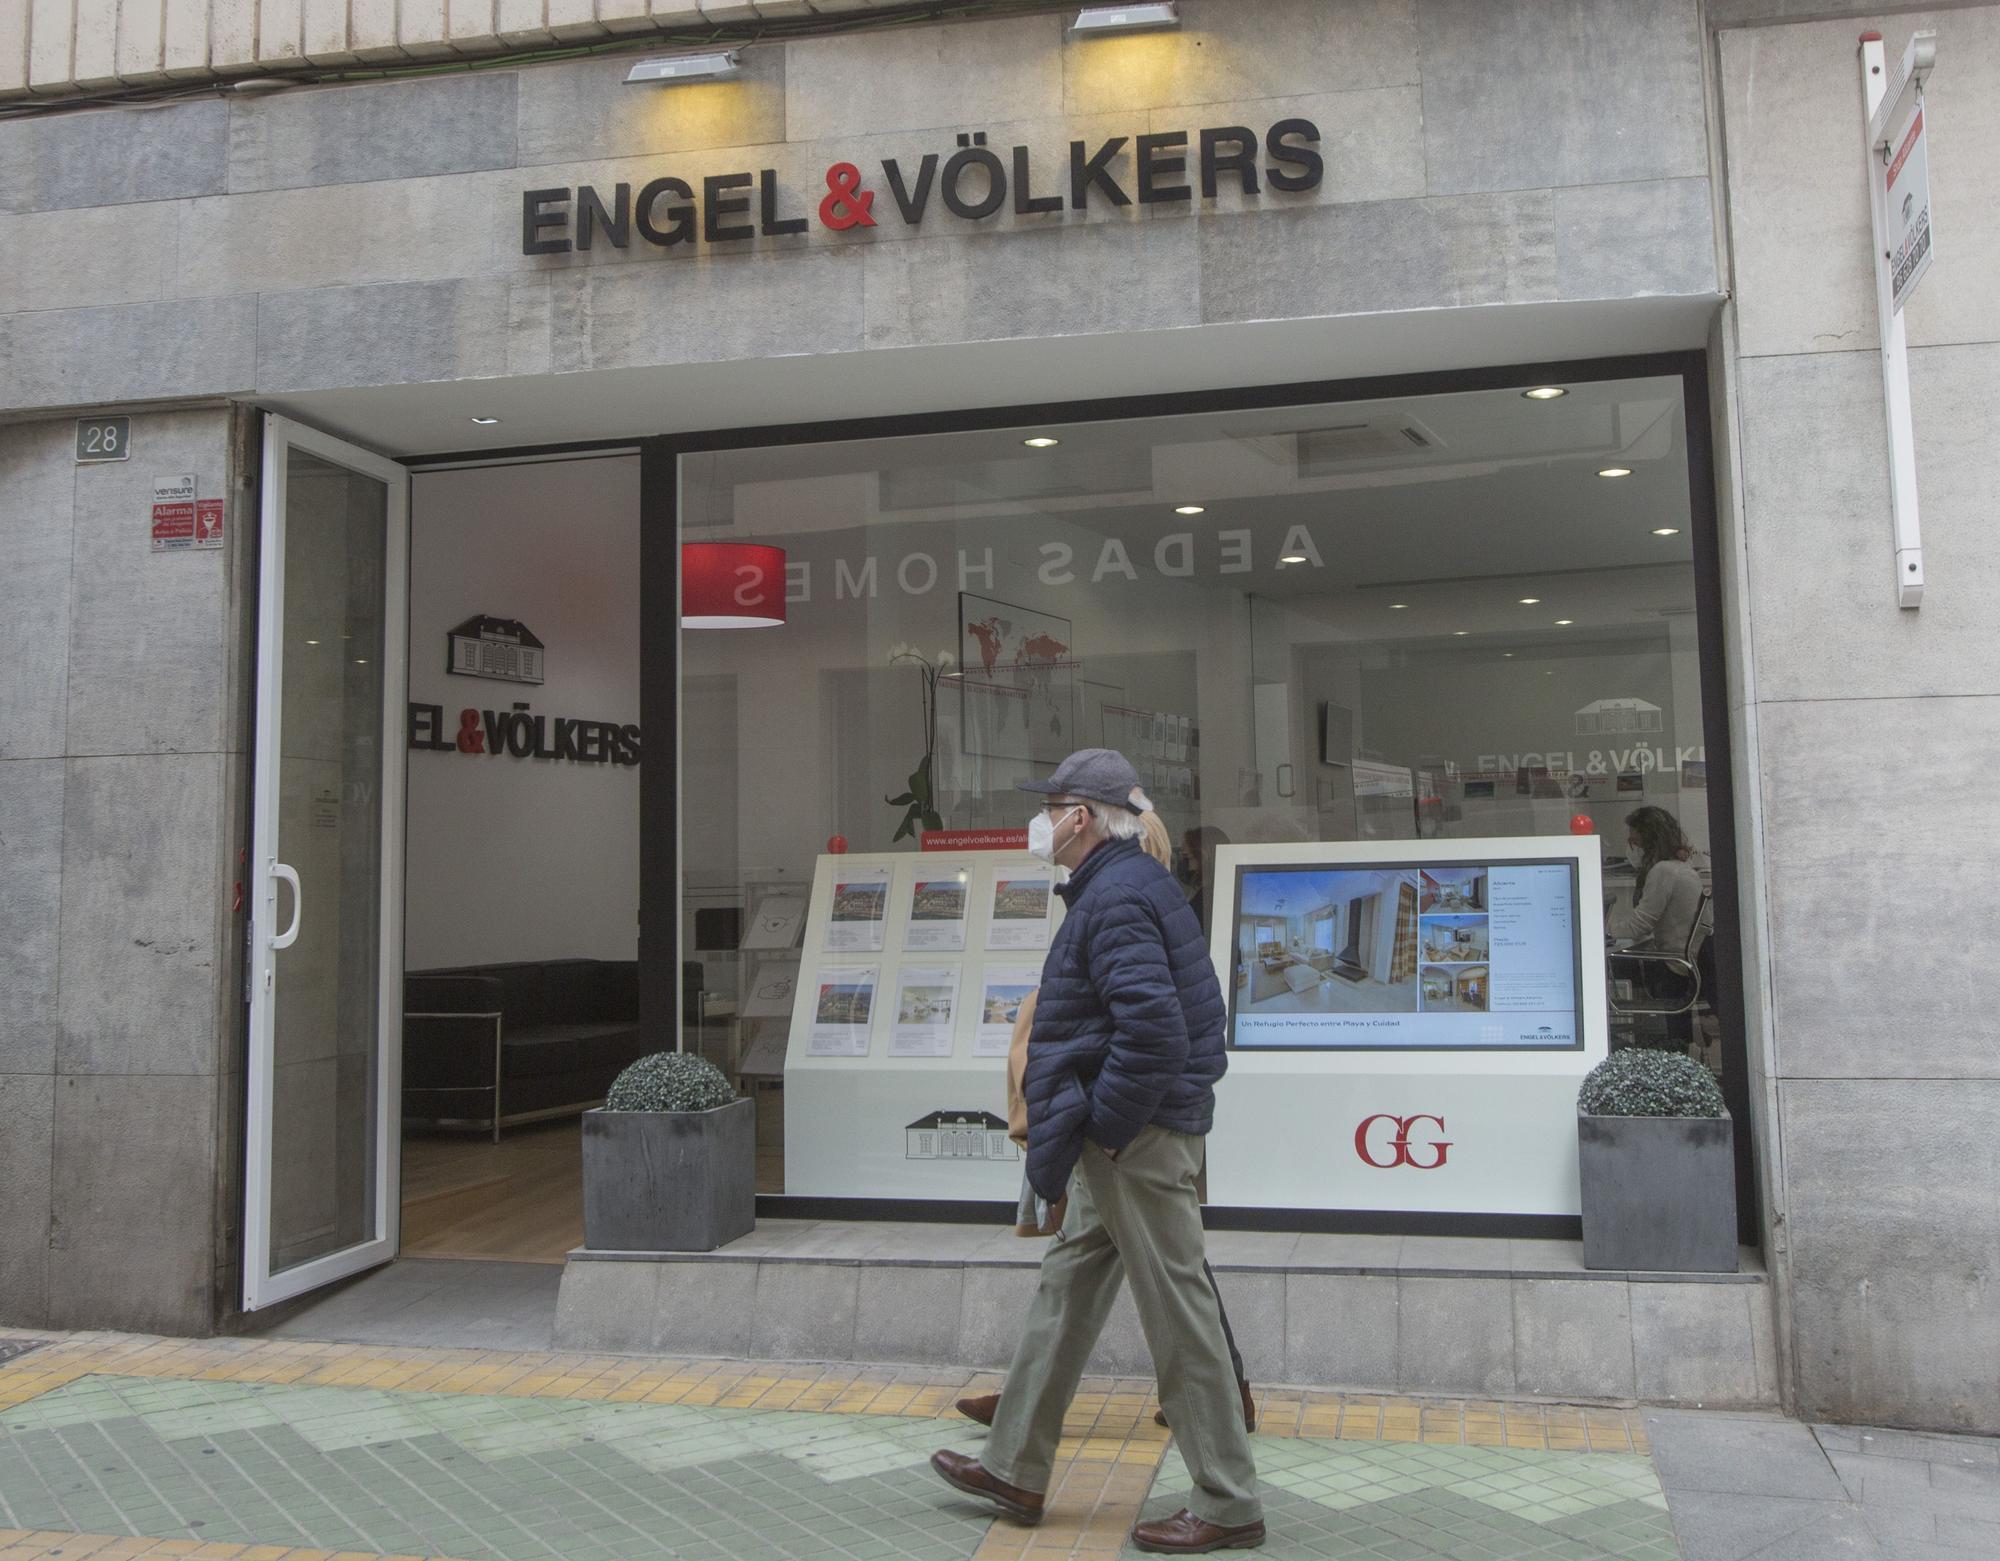 La crisis aumenta la diferencia del precio de los pisos entre los barrios ricos y humildes de la provincia de Alicante